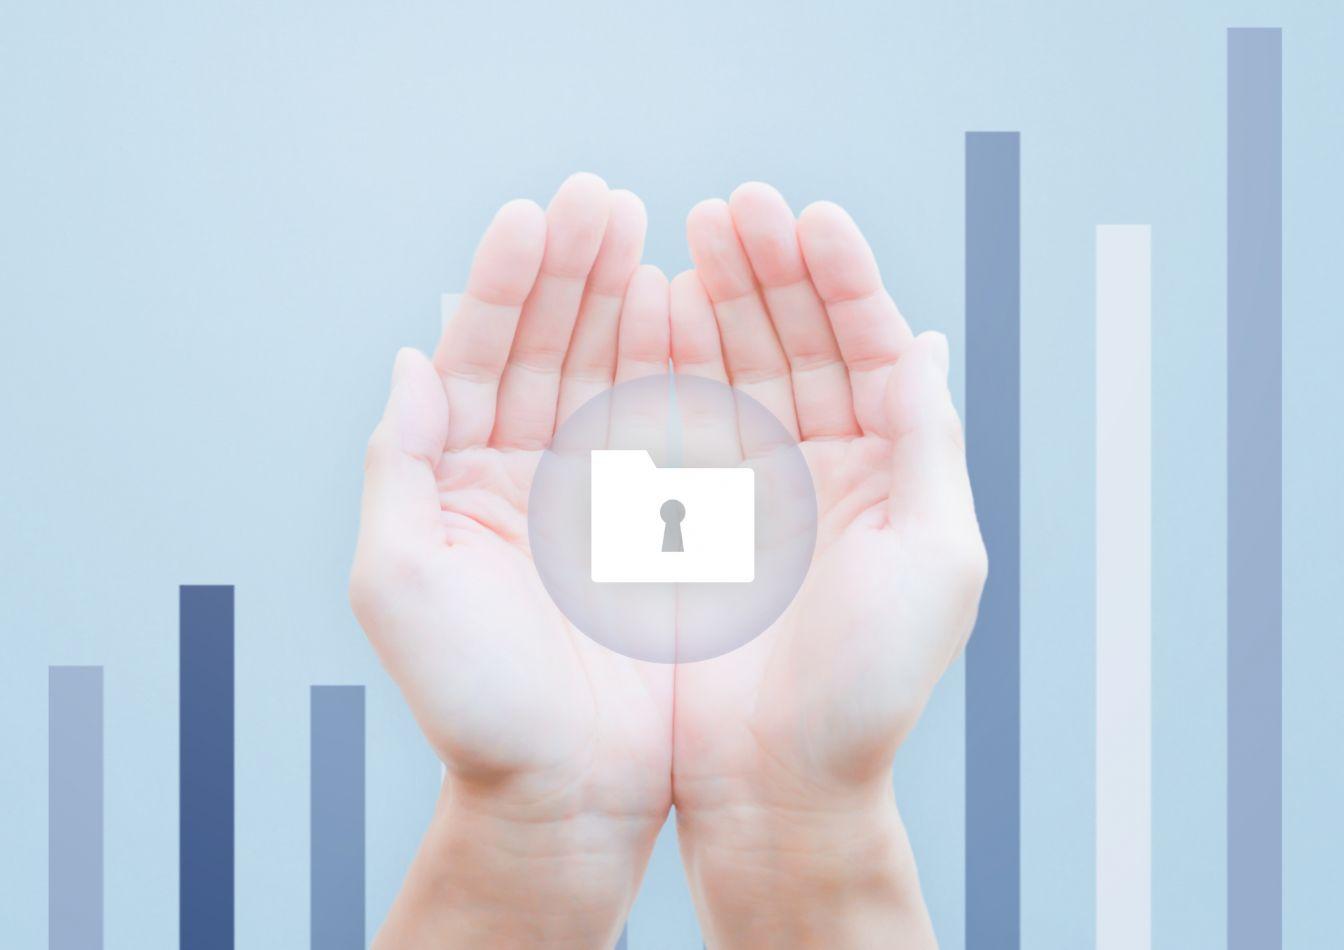 ファイル転送サービスは安全なのか? 利用時の注意点と併せて解説